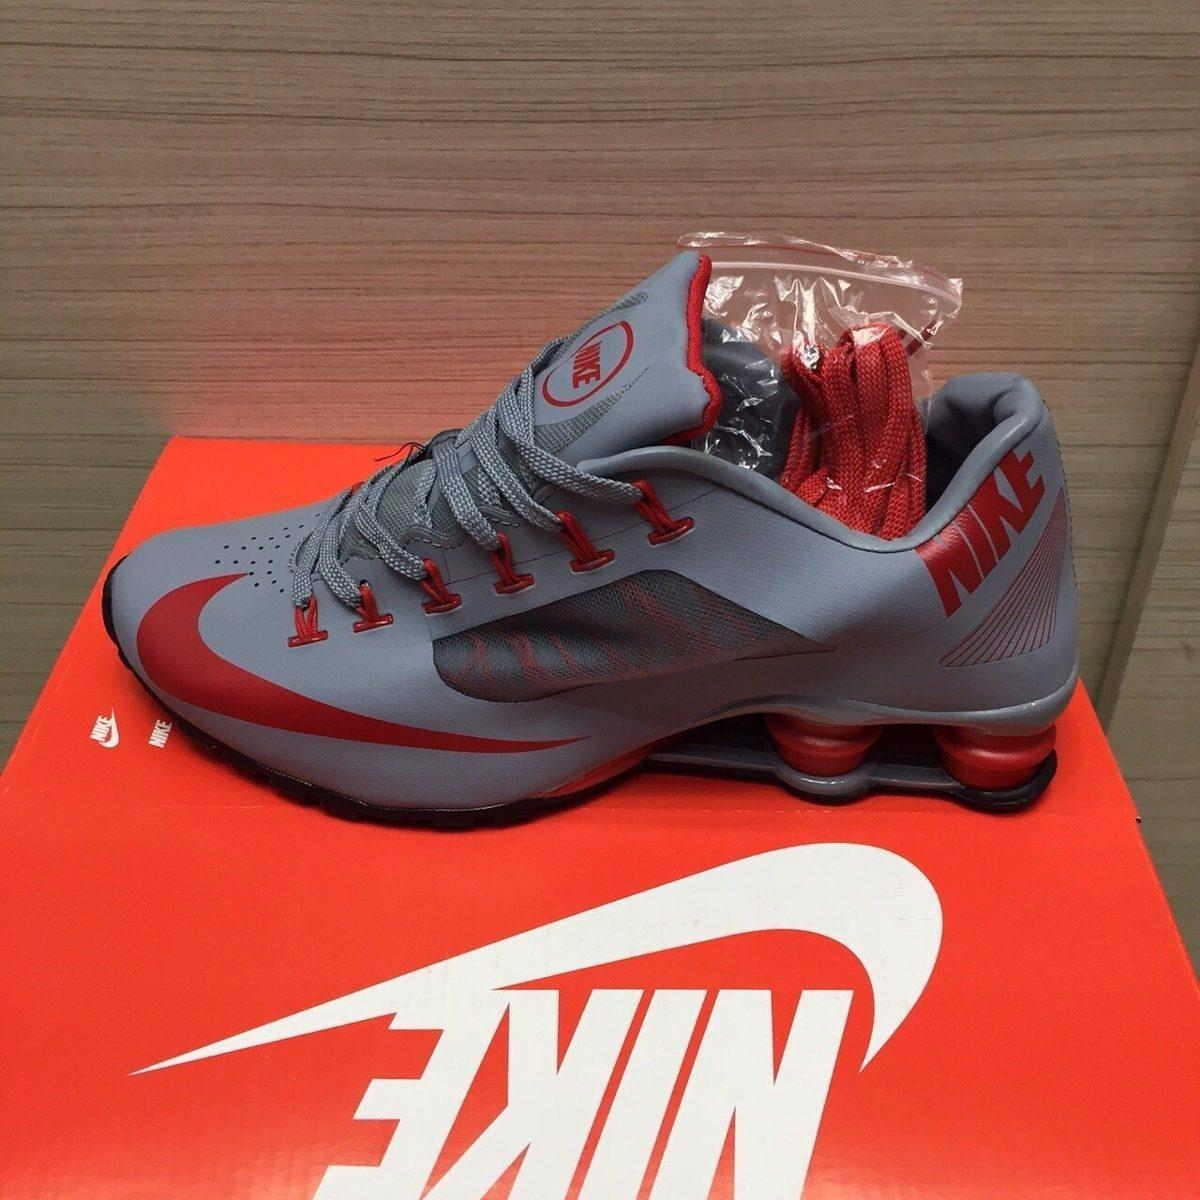 fd5c408abcd Tenis Nike Shox 4 Molas Branco  nike shox r4 mercado livre